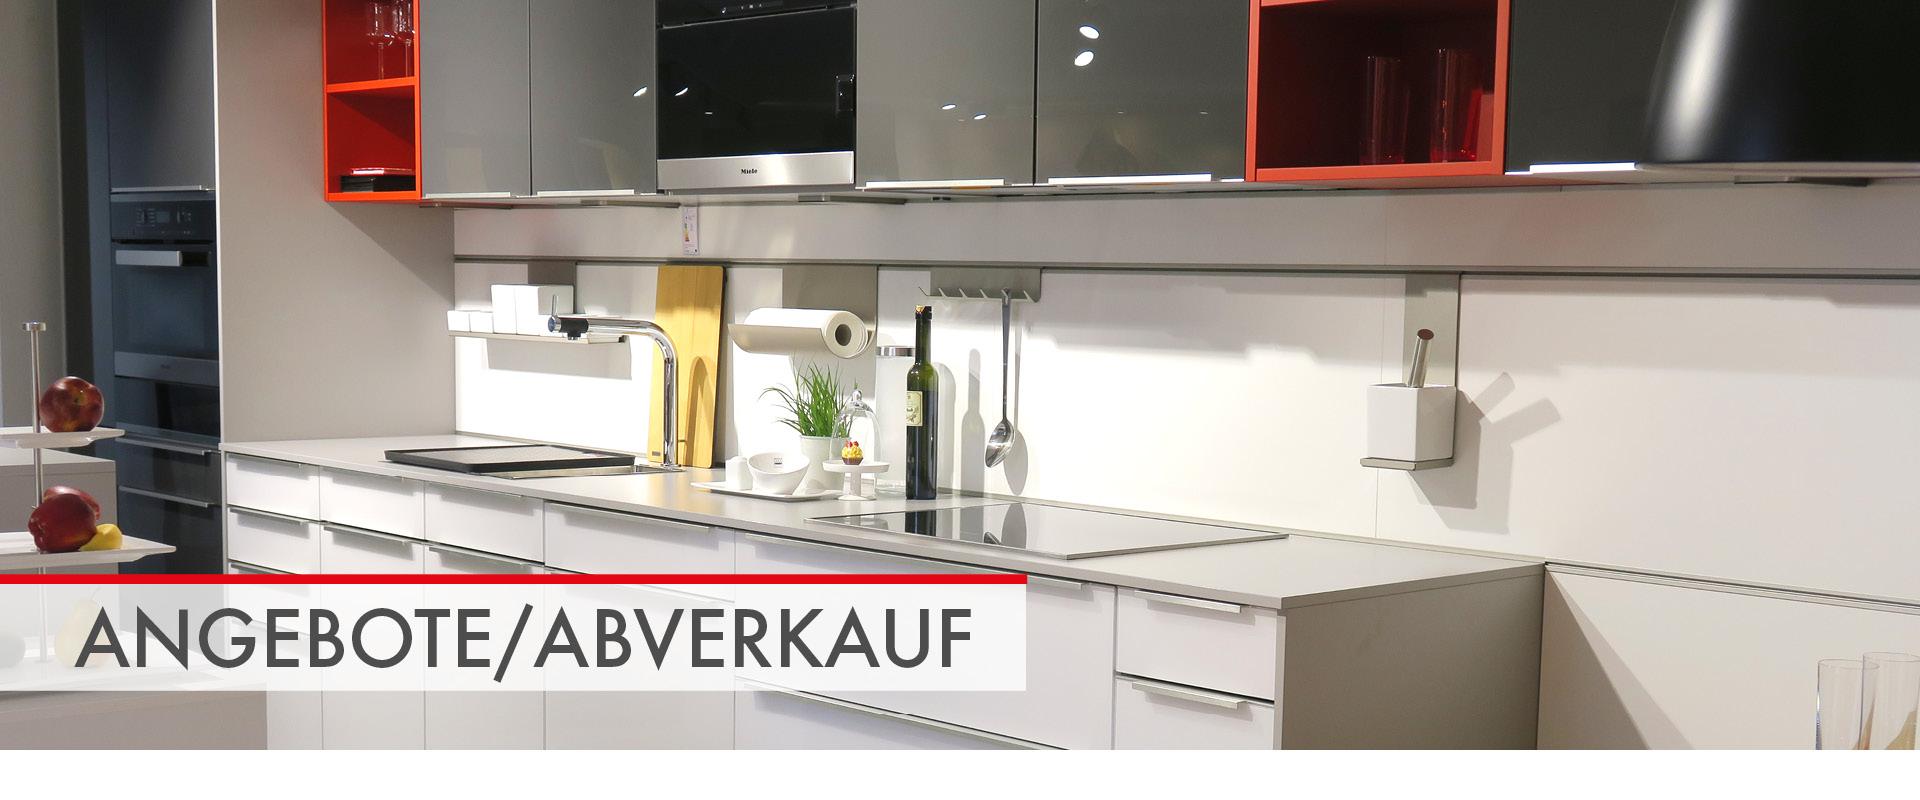 Full Size of Küchen Angebote Kchen Mbel Zum Verlieben Regal Schlafzimmer Komplettangebote Sofa Stellenangebote Baden Württemberg Wohnzimmer Küchen Angebote